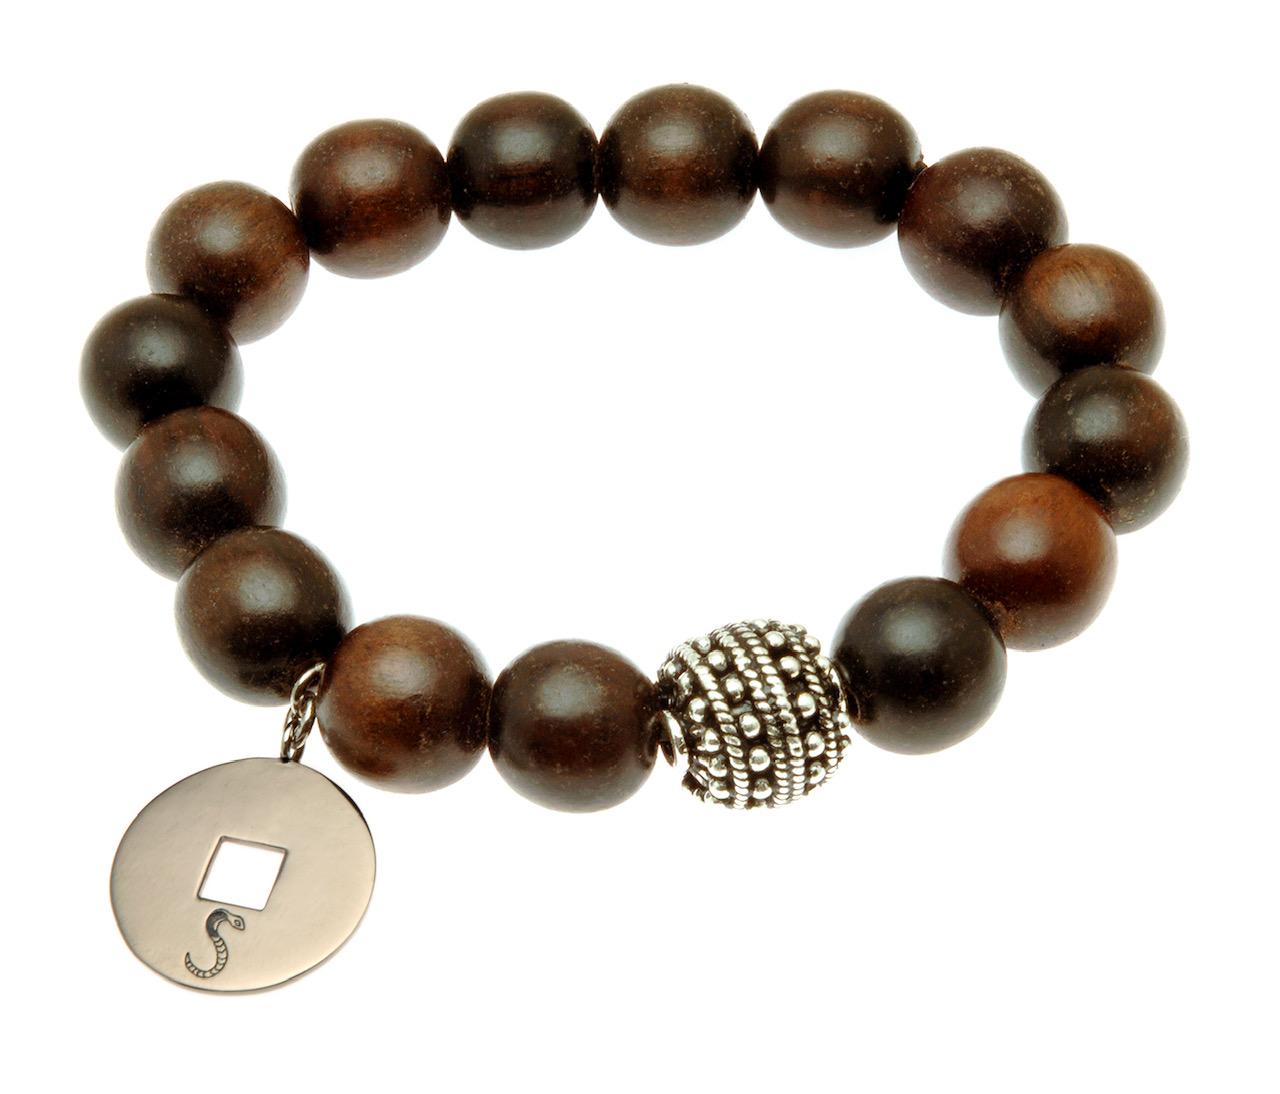 Wood_bracelet_6893_v2_4x5.jpg